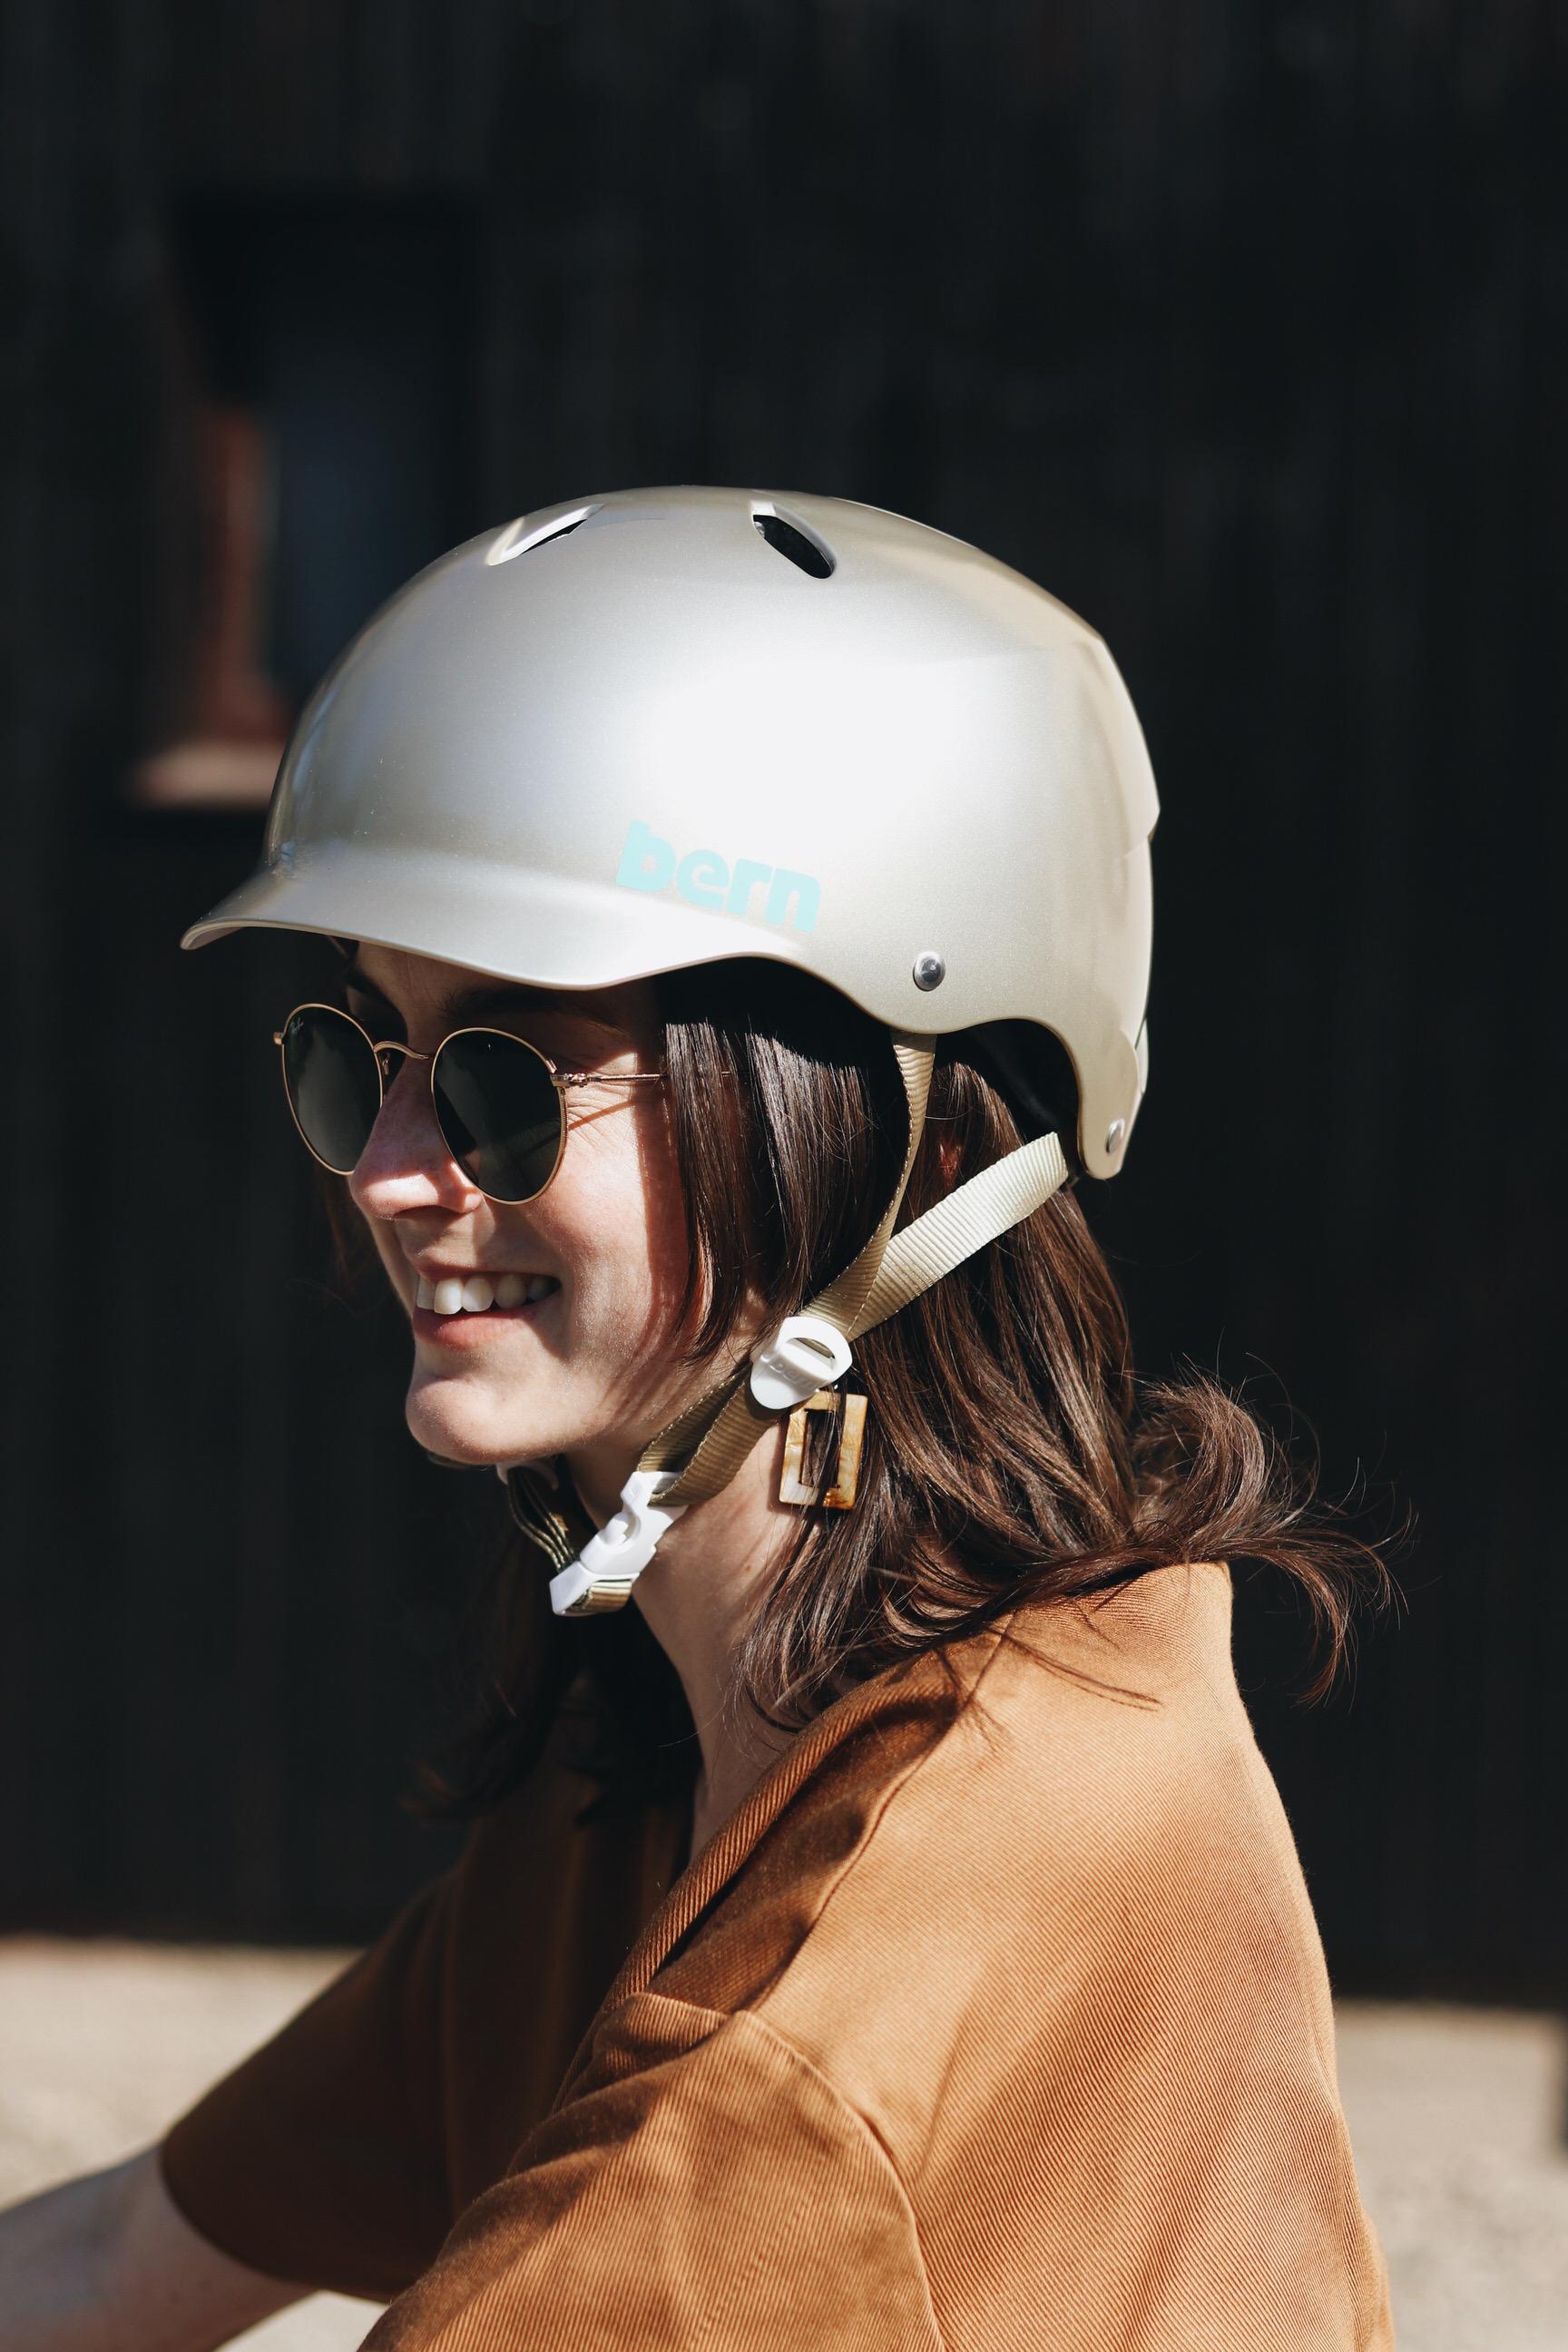 Bern Fahrradhelm Modebloggerin Blog stylisch